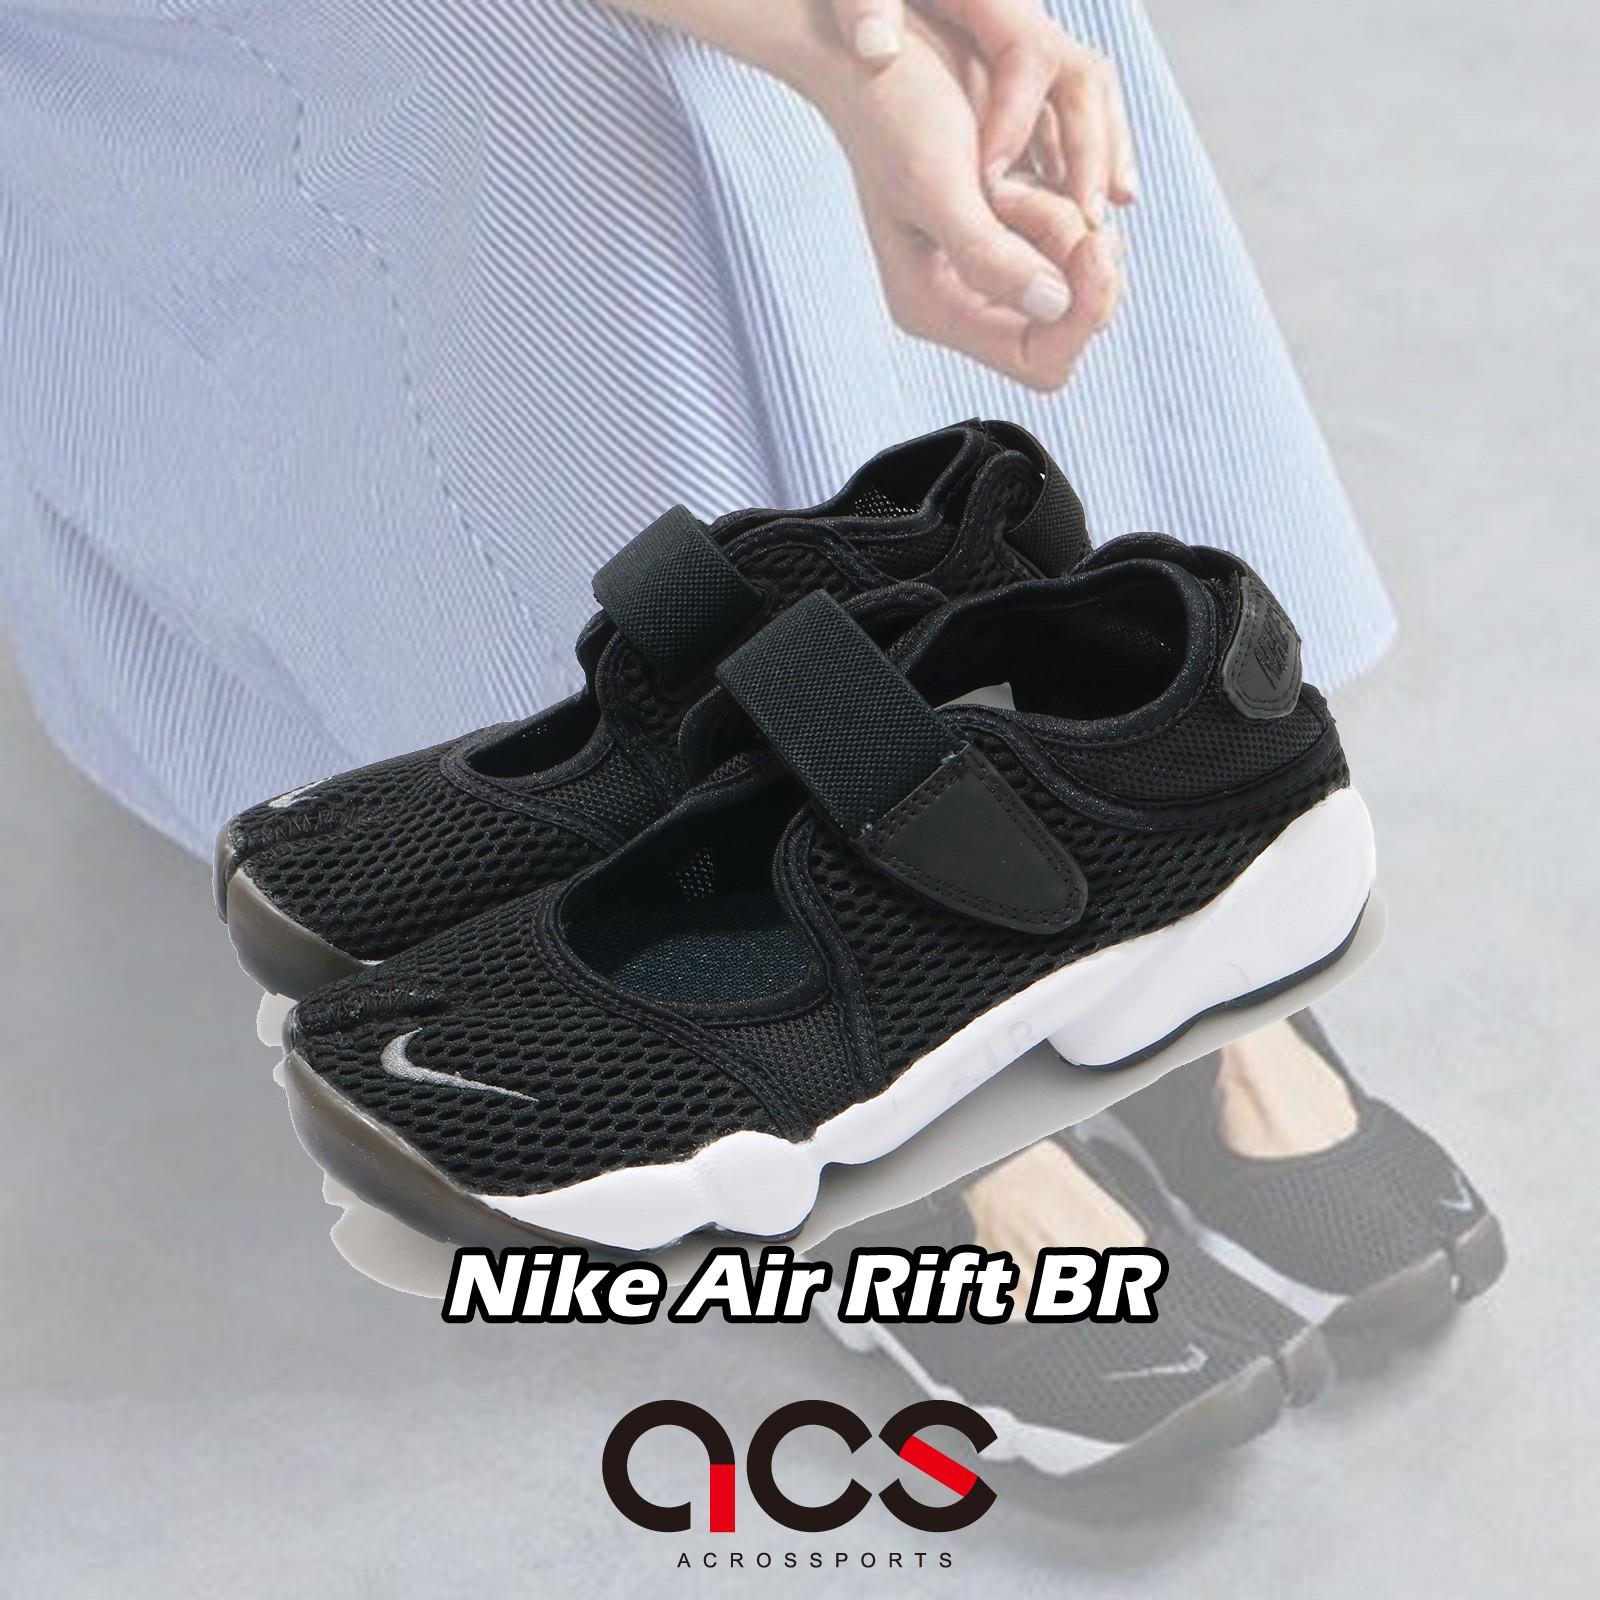 Nike 忍者鞋 Wmns Nike Air Rift BR 黑白 透氣版 女鞋 分趾鞋【ACS】 848386-001